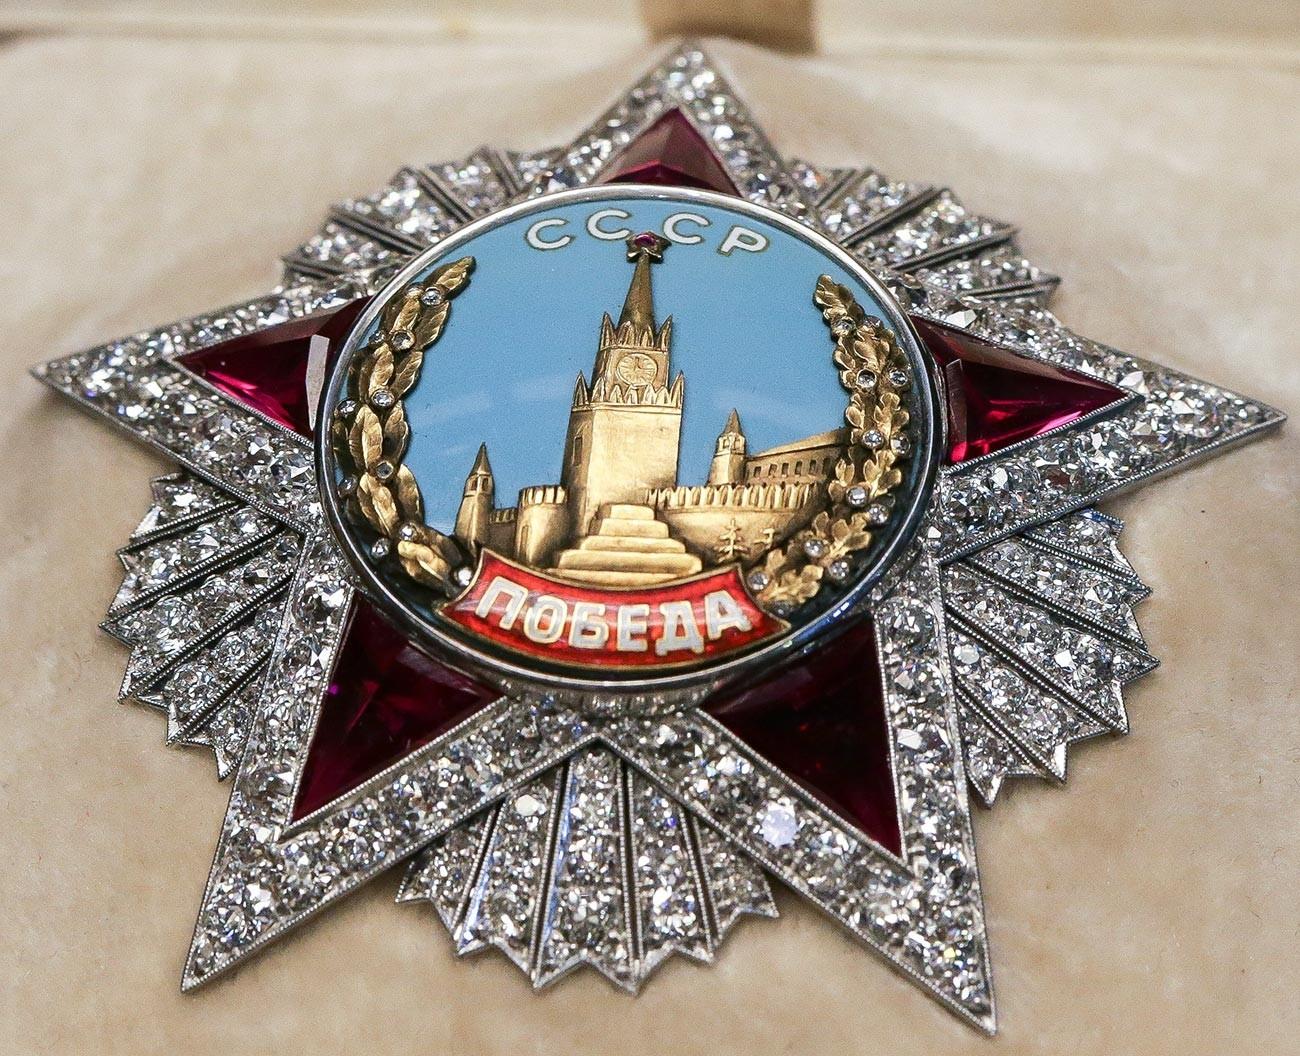 Ordem da Vitória, a condecoração militar mais valiosa do mundo